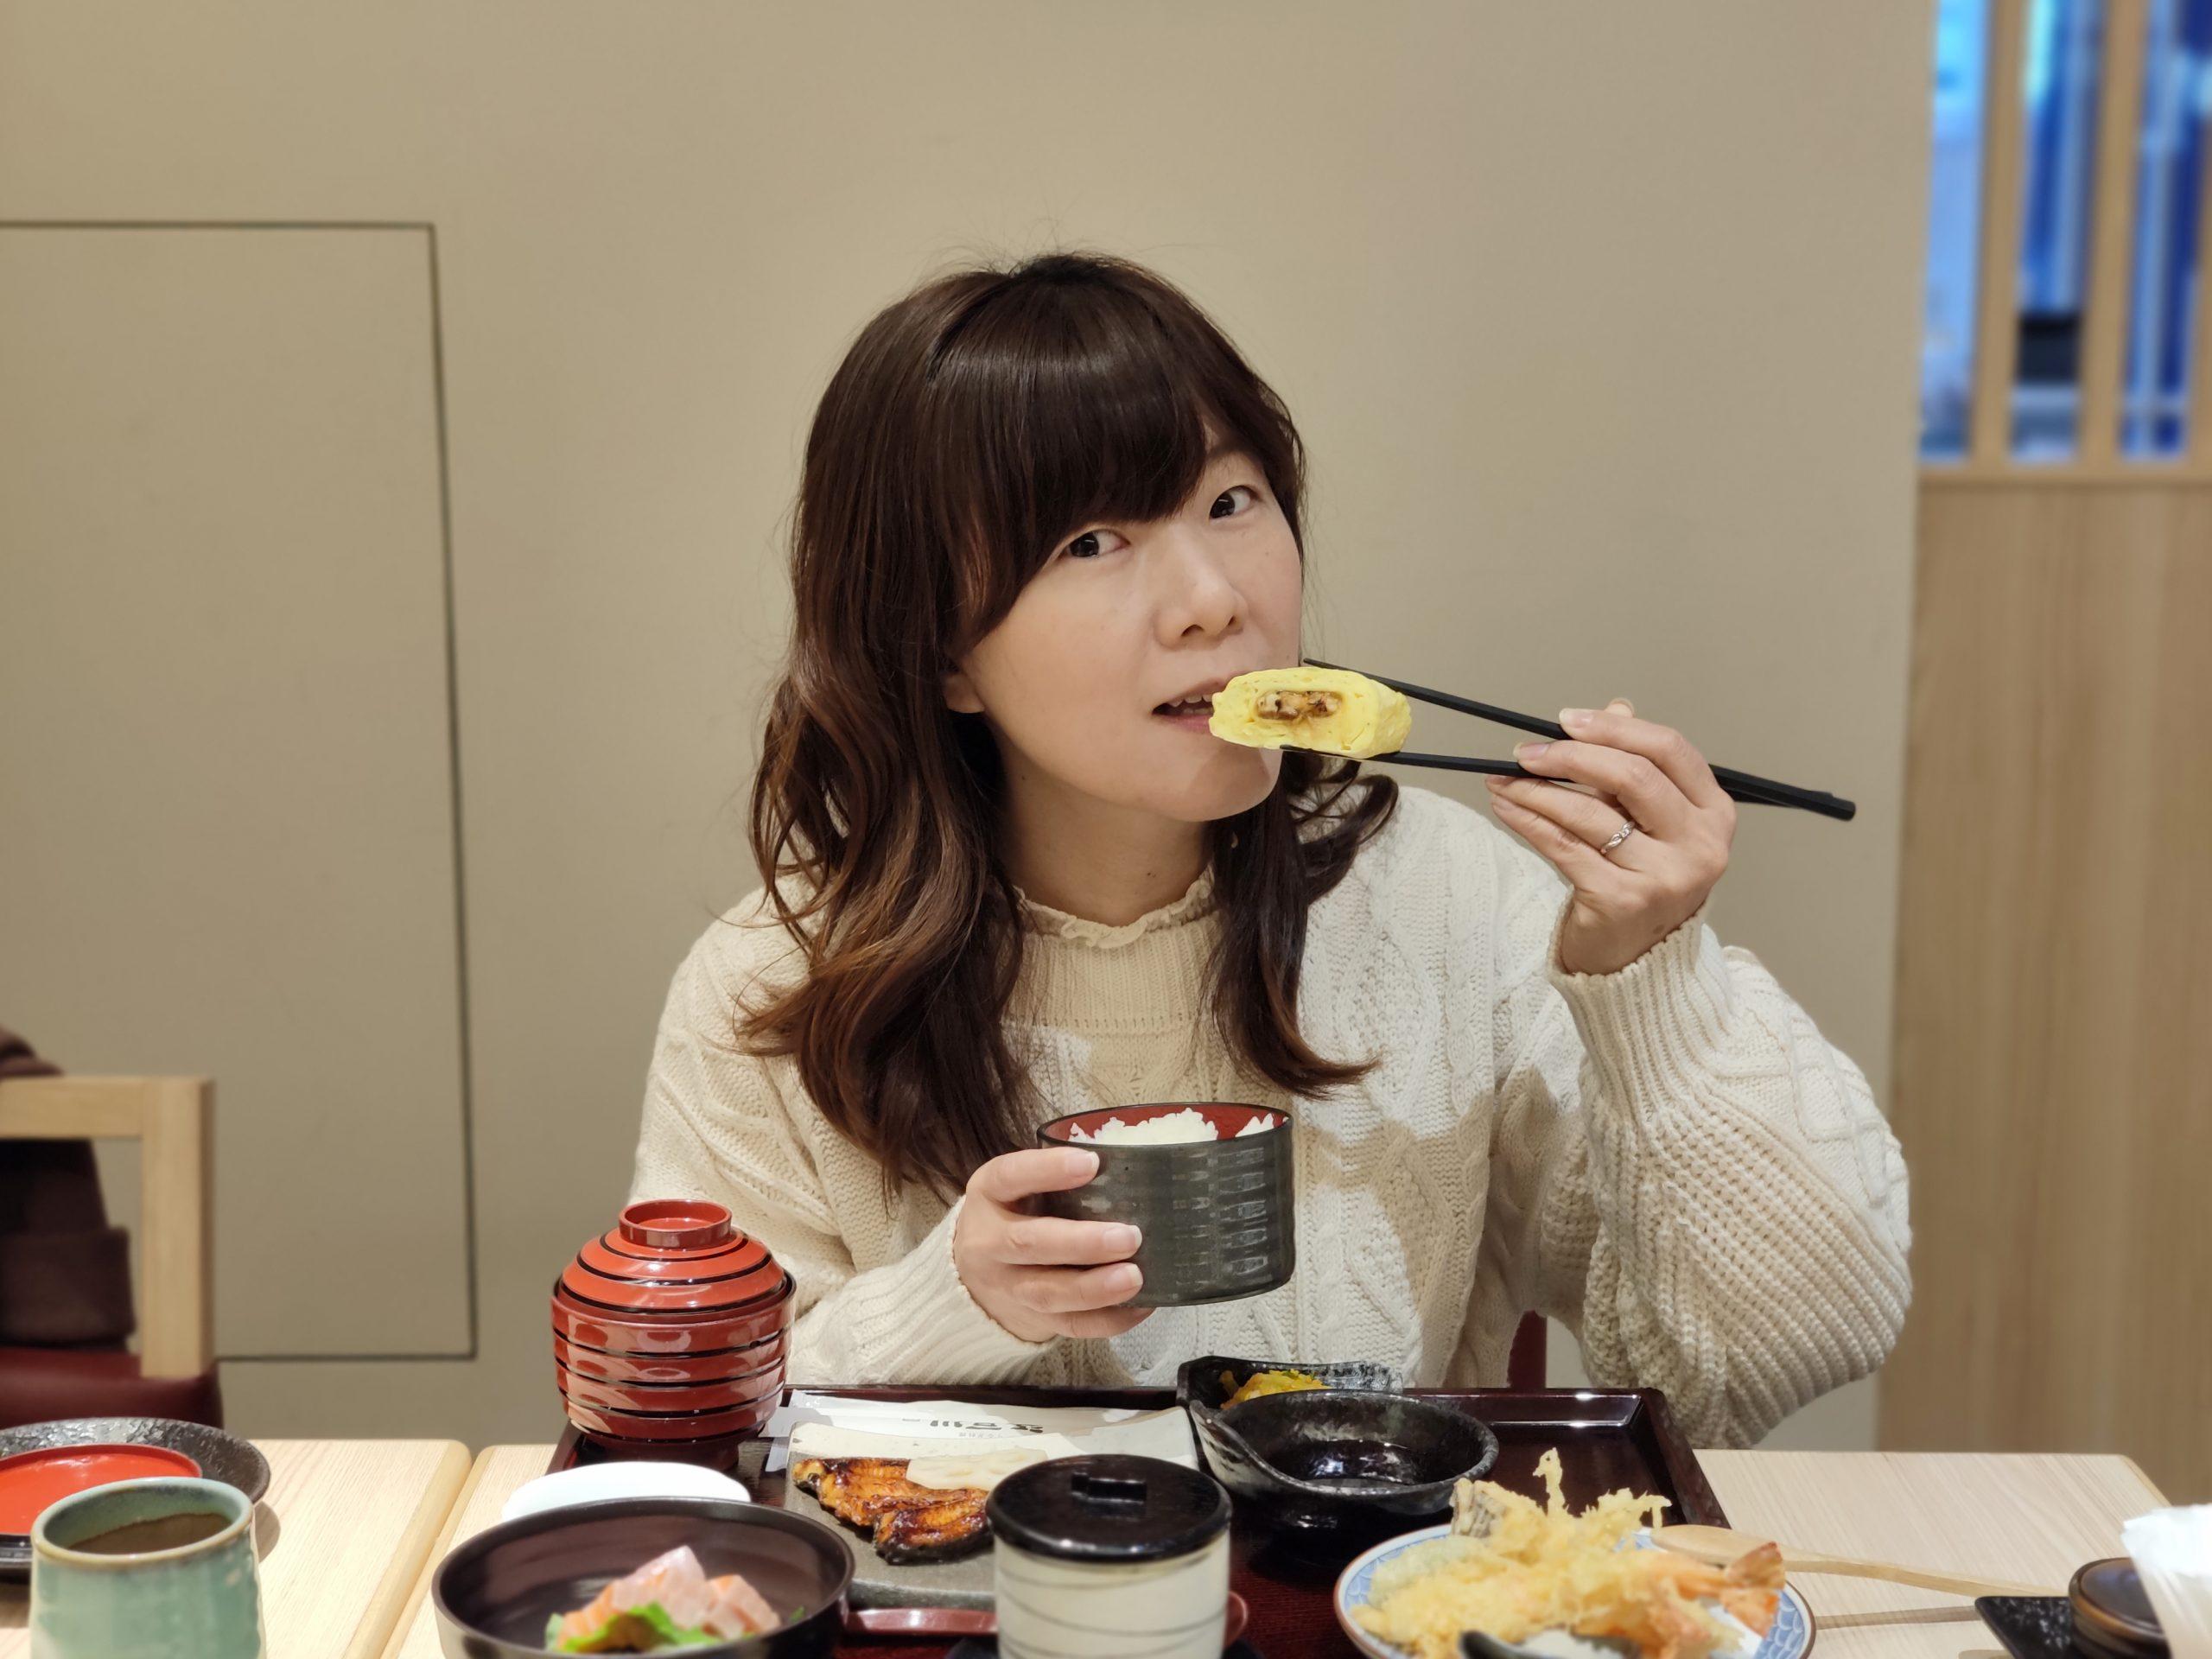 全家便利商店推薦健康志向X夯番薯|簡單新纖生活全新開始在全家 @Maruko與美食有個約會